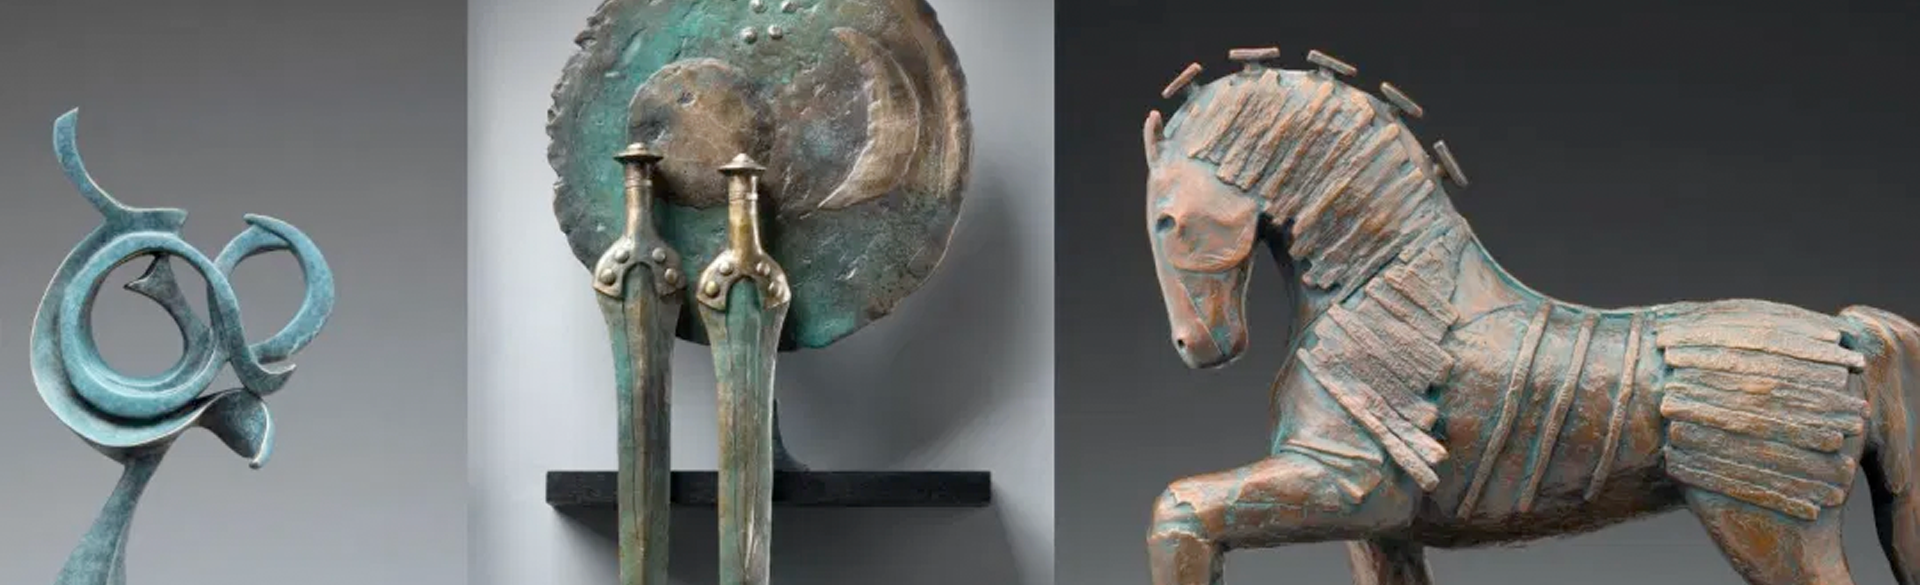 Shelley Kerr's Sculptures